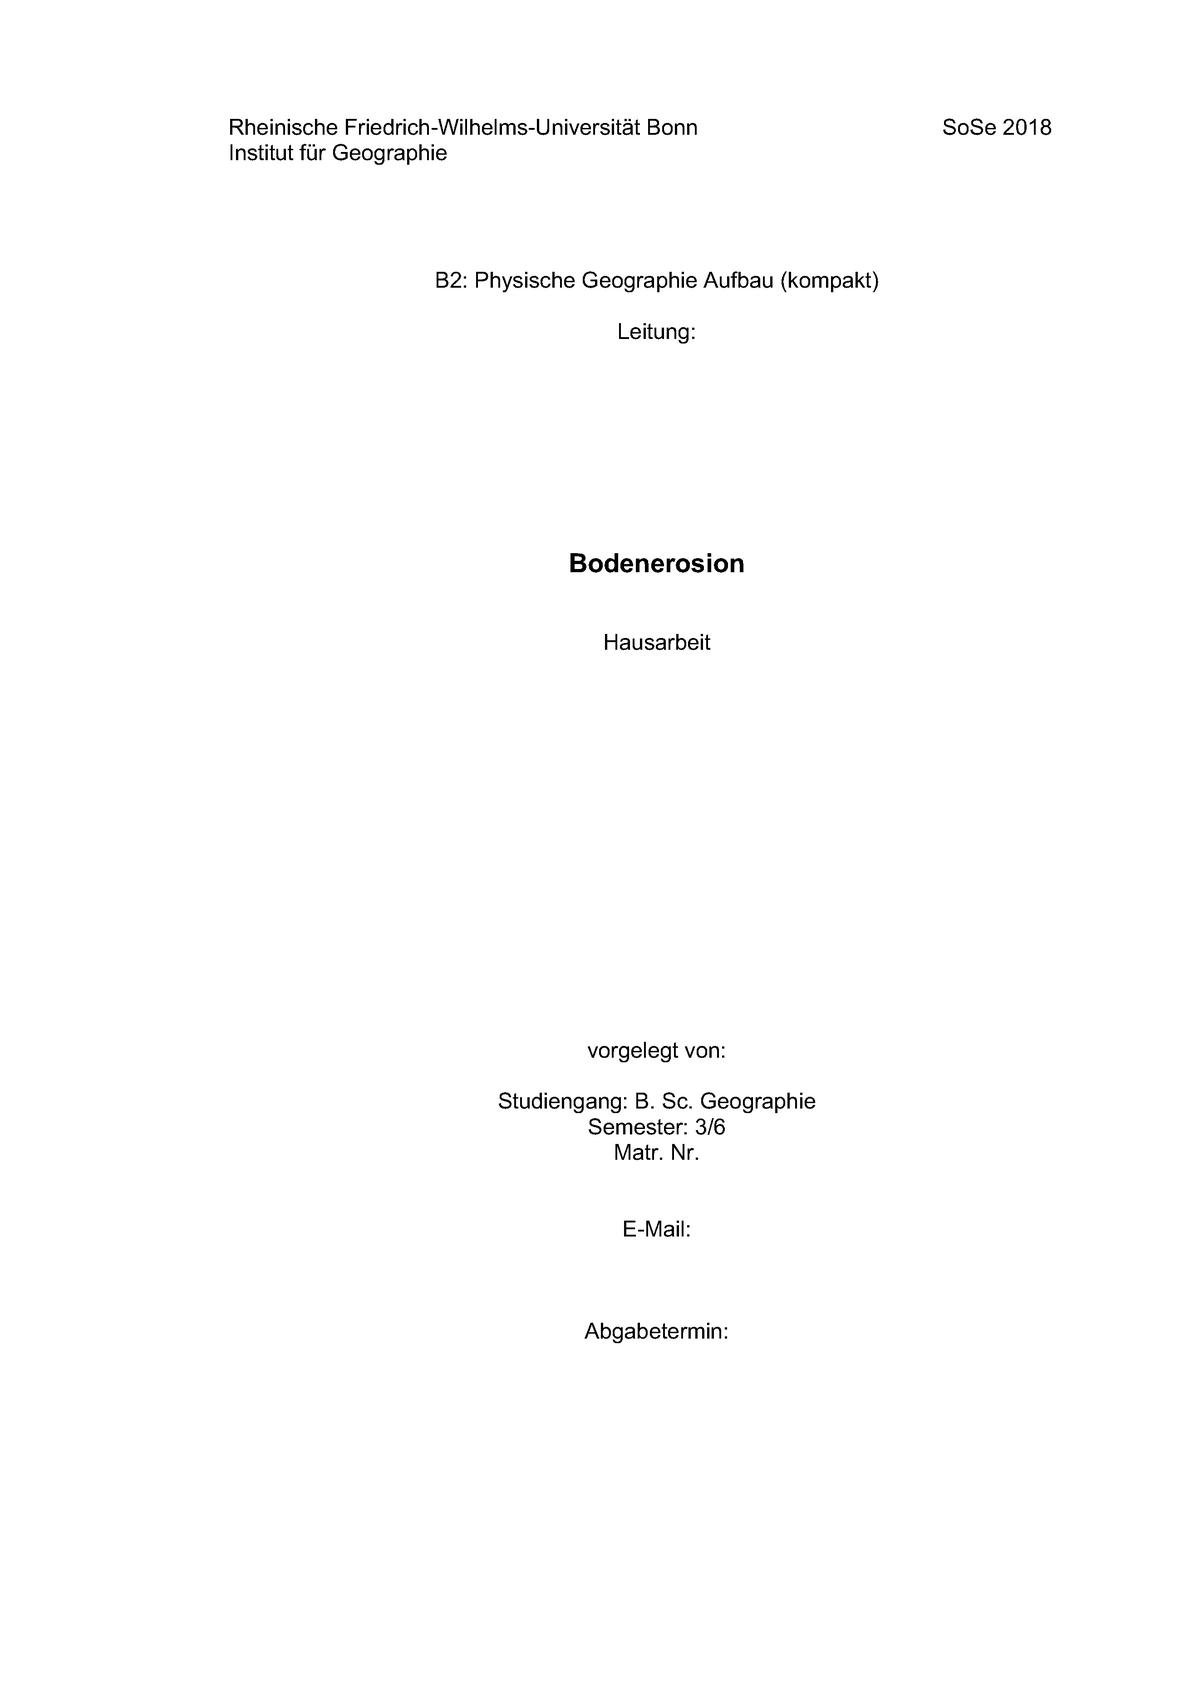 Hausarbeit Bodenerosion 641032106 Physische Geographie Aufbau